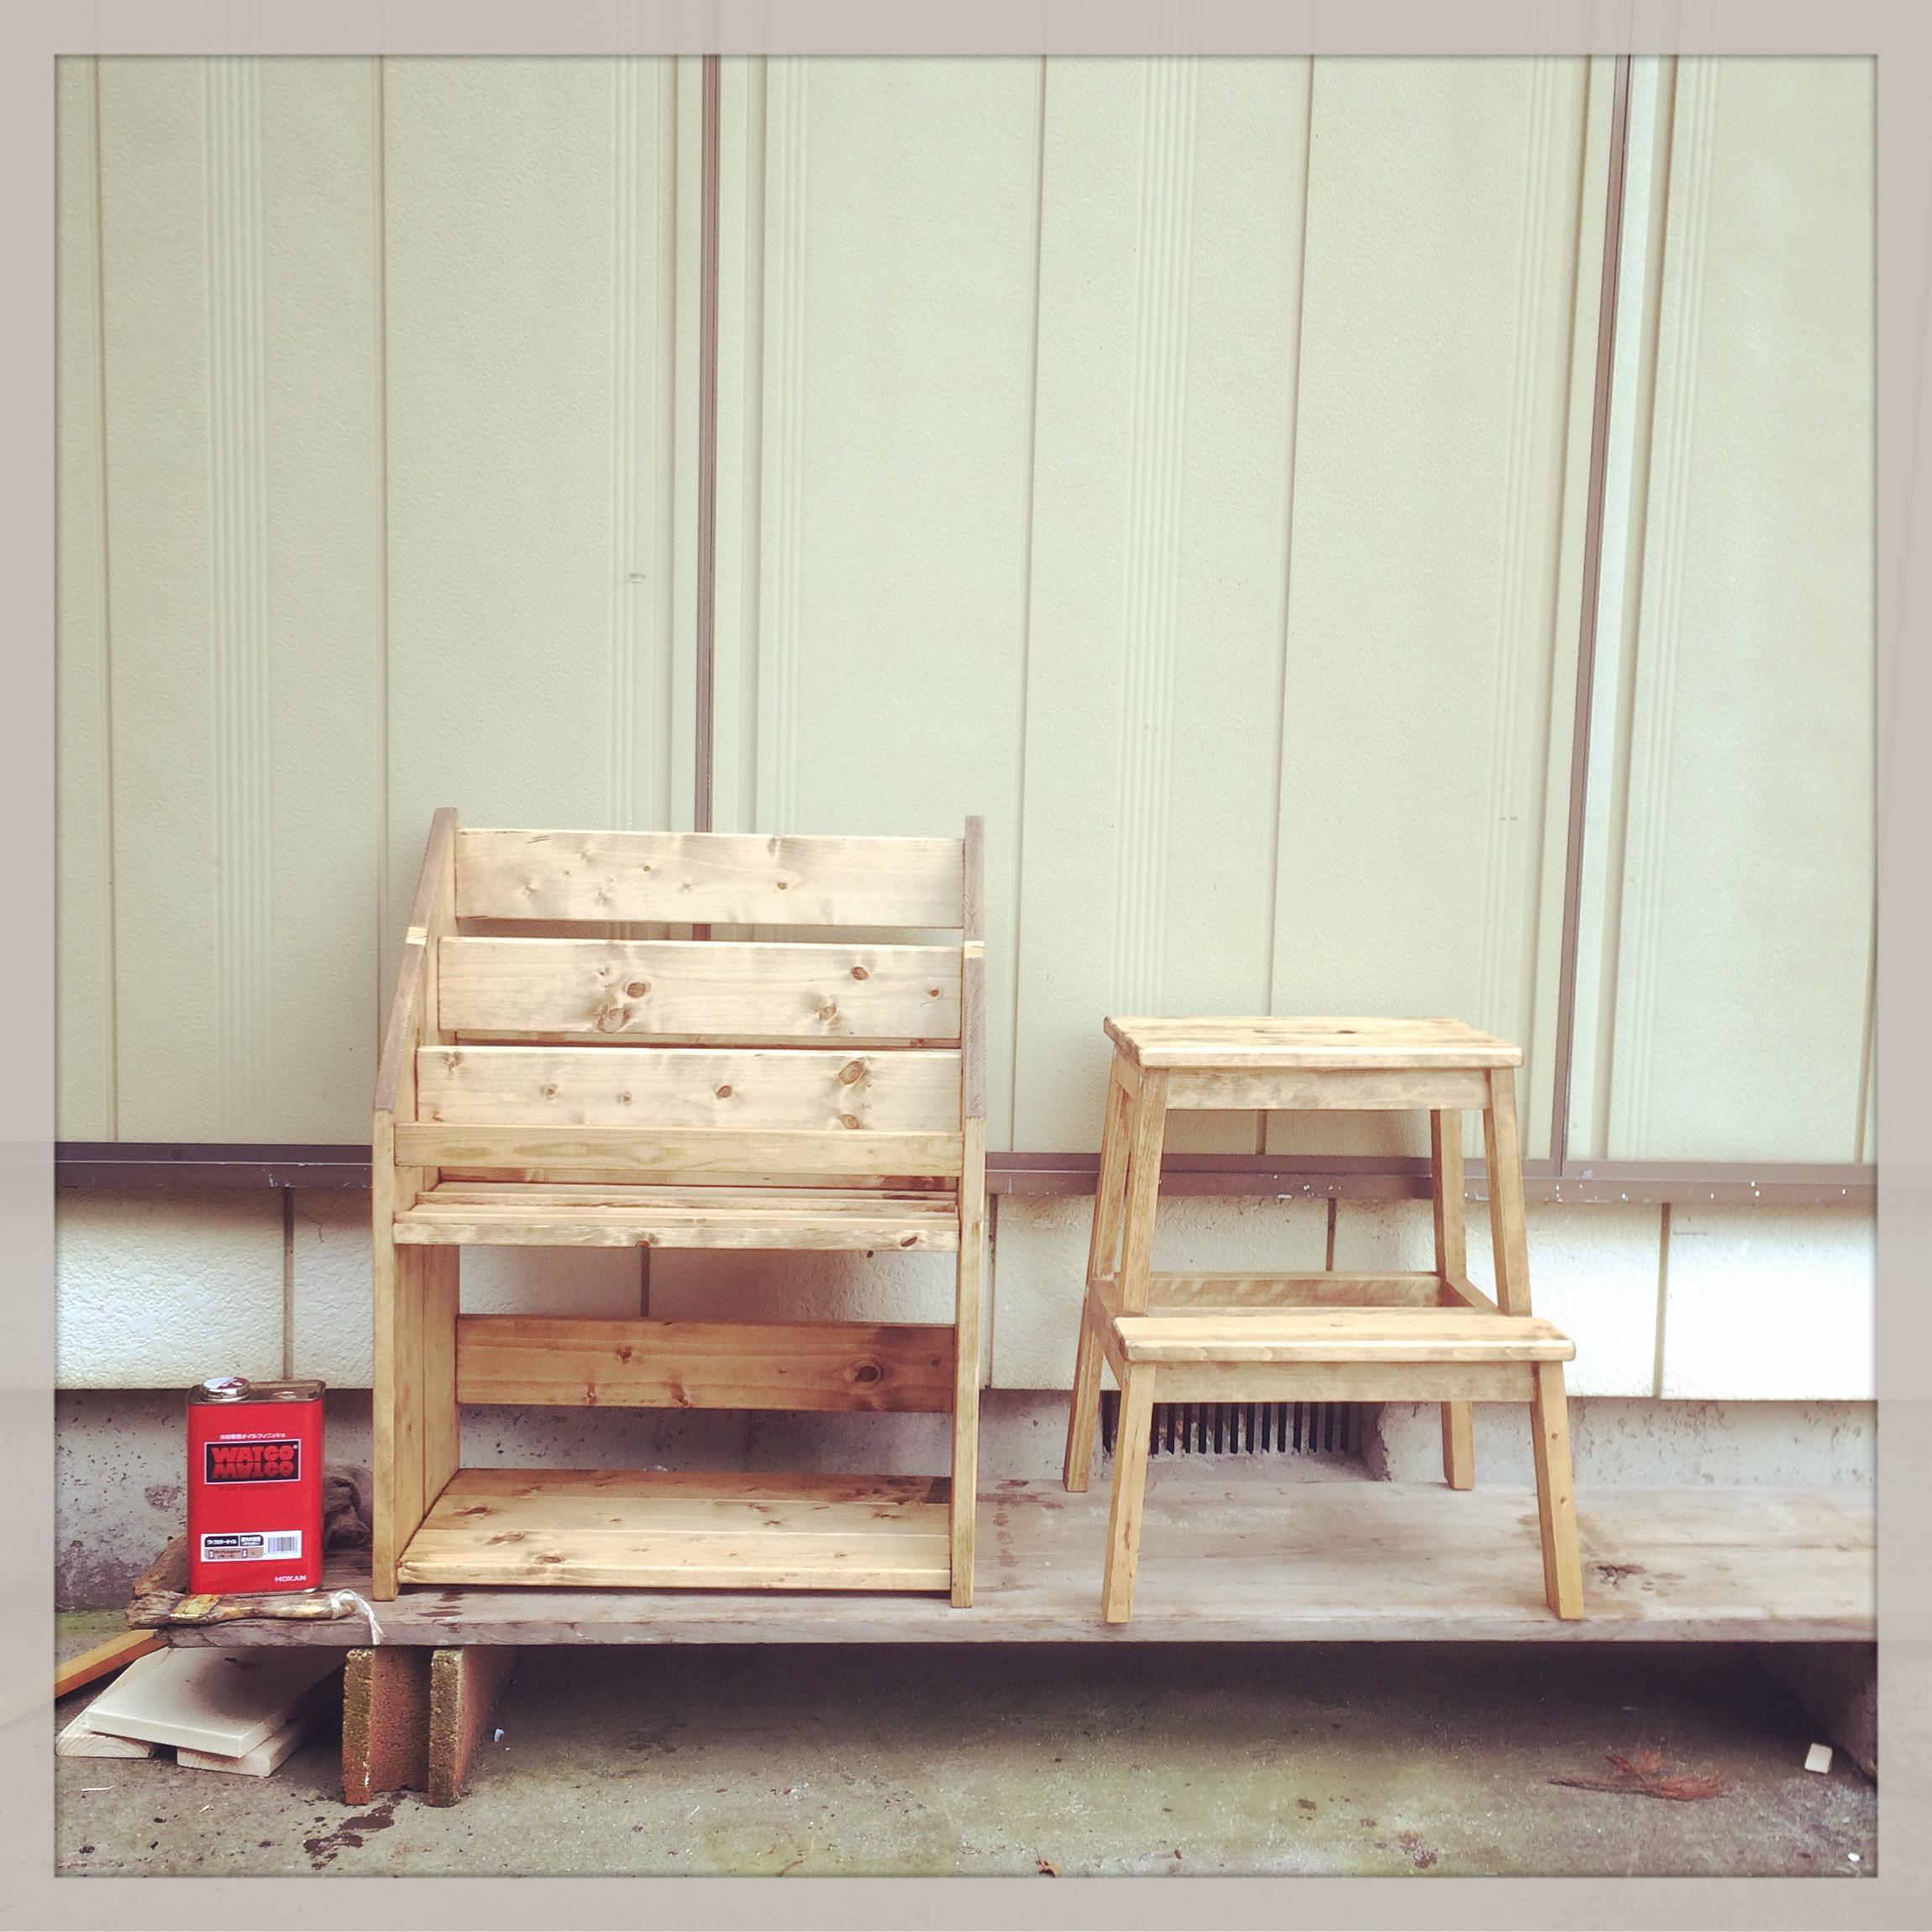 【簡単DIY】子供用の本棚の作り方